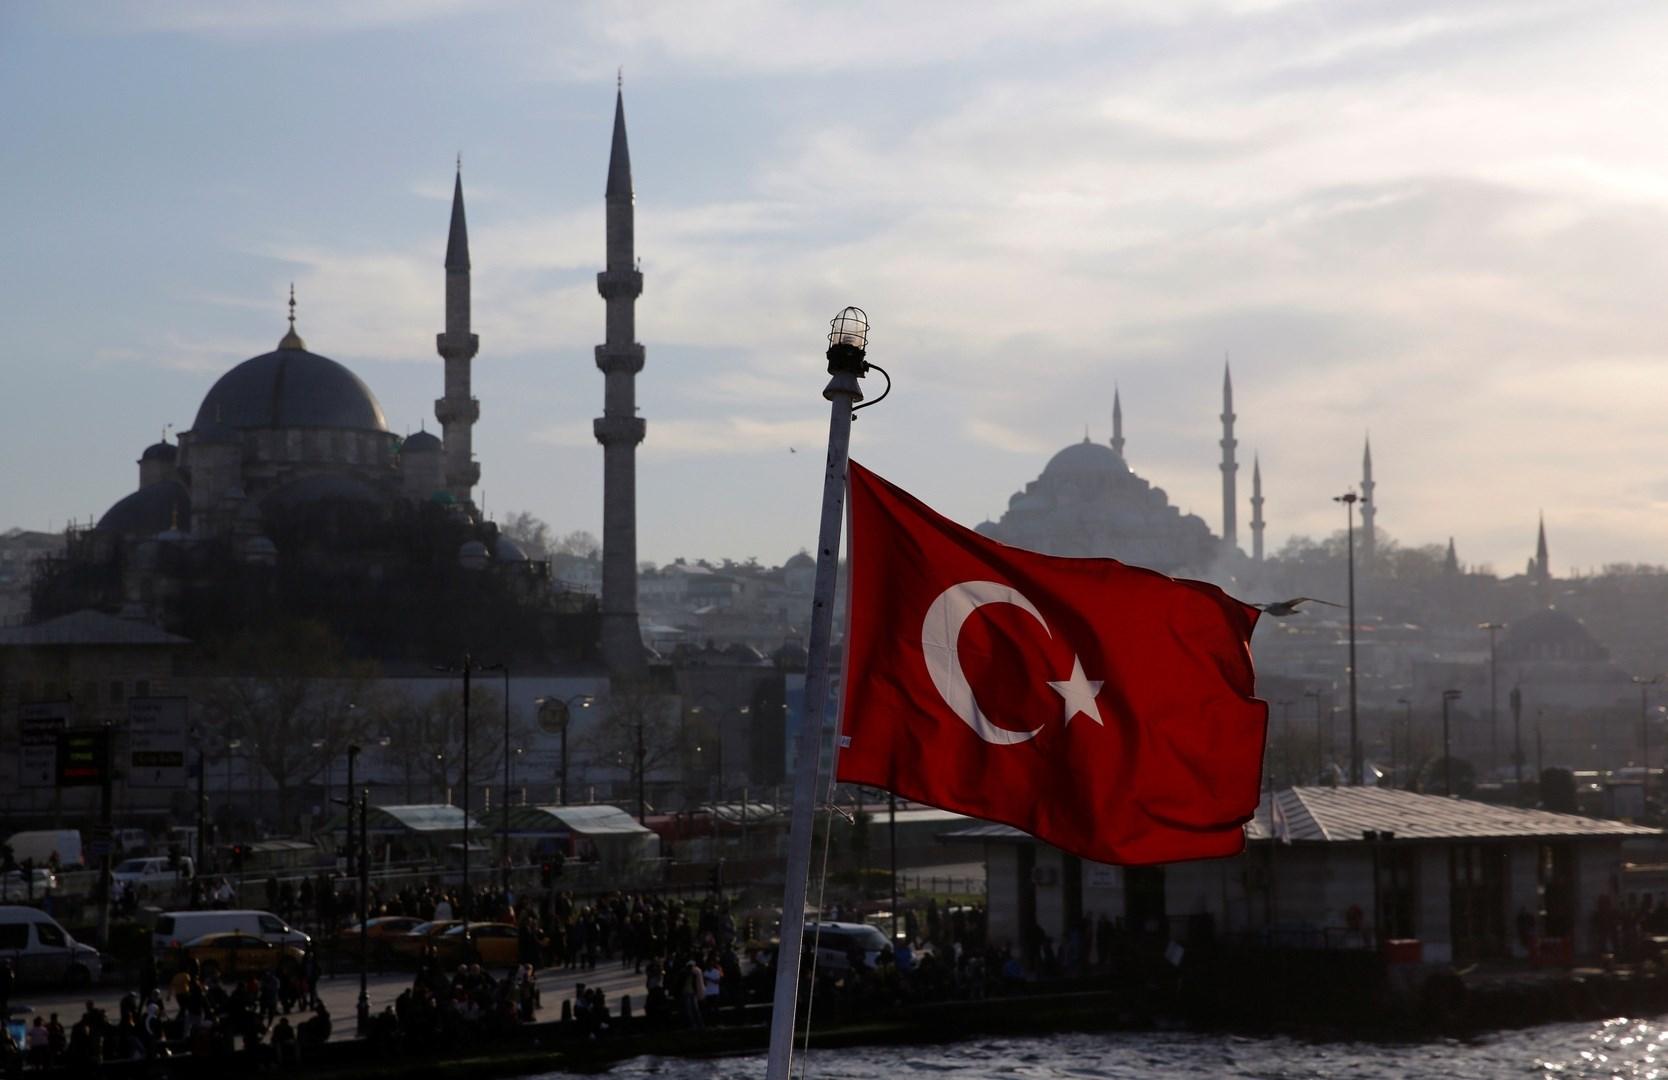 هل تتآمر تركيا مع واشنطن لعرقلة خطّ